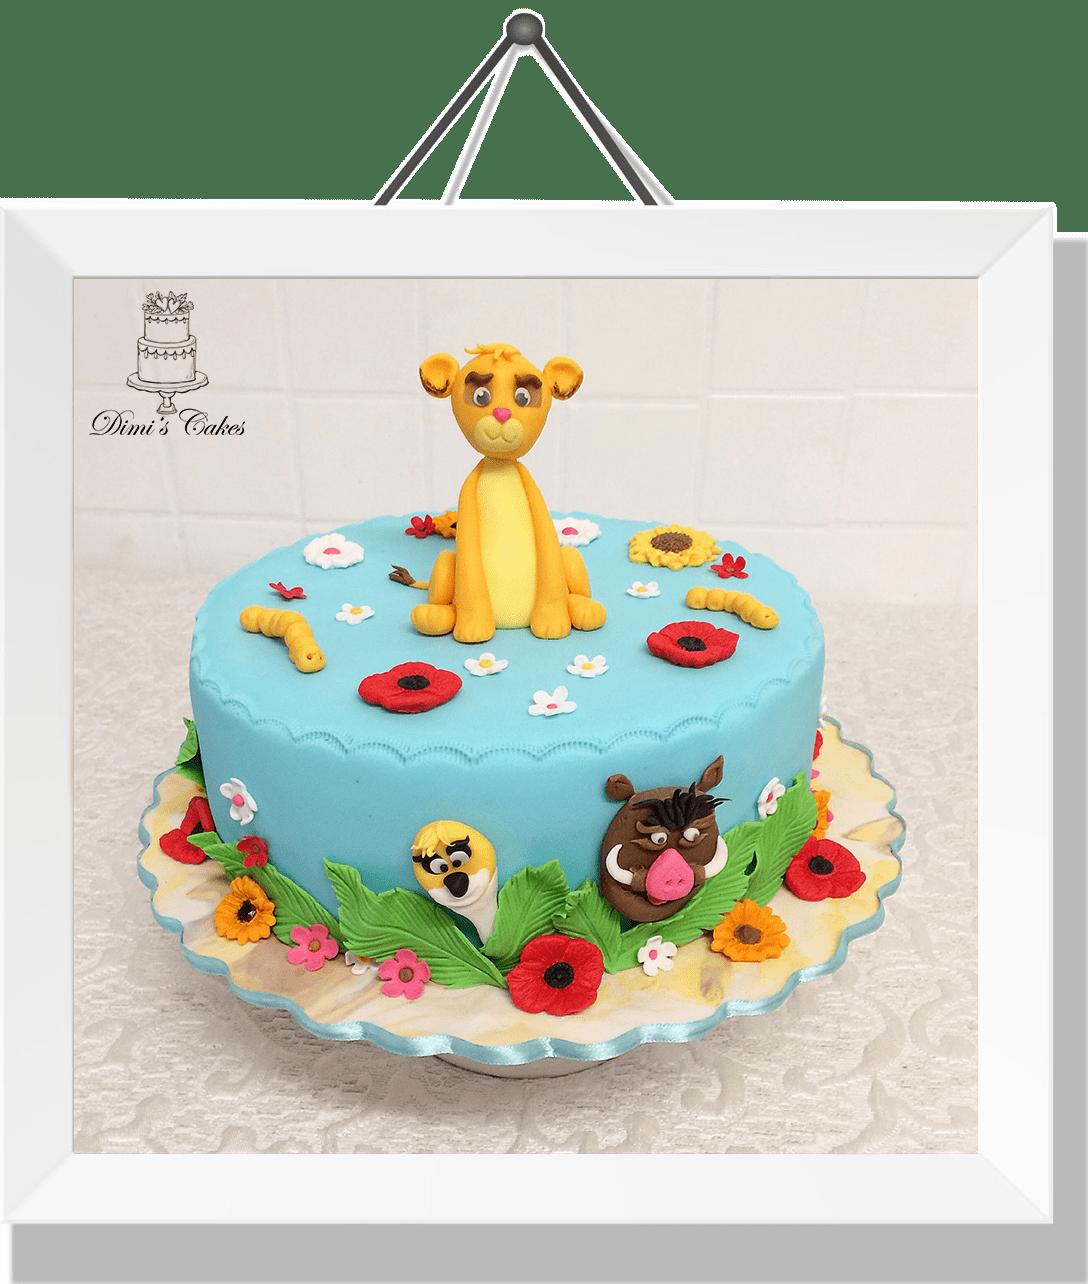 Cake-King-lion-1-min